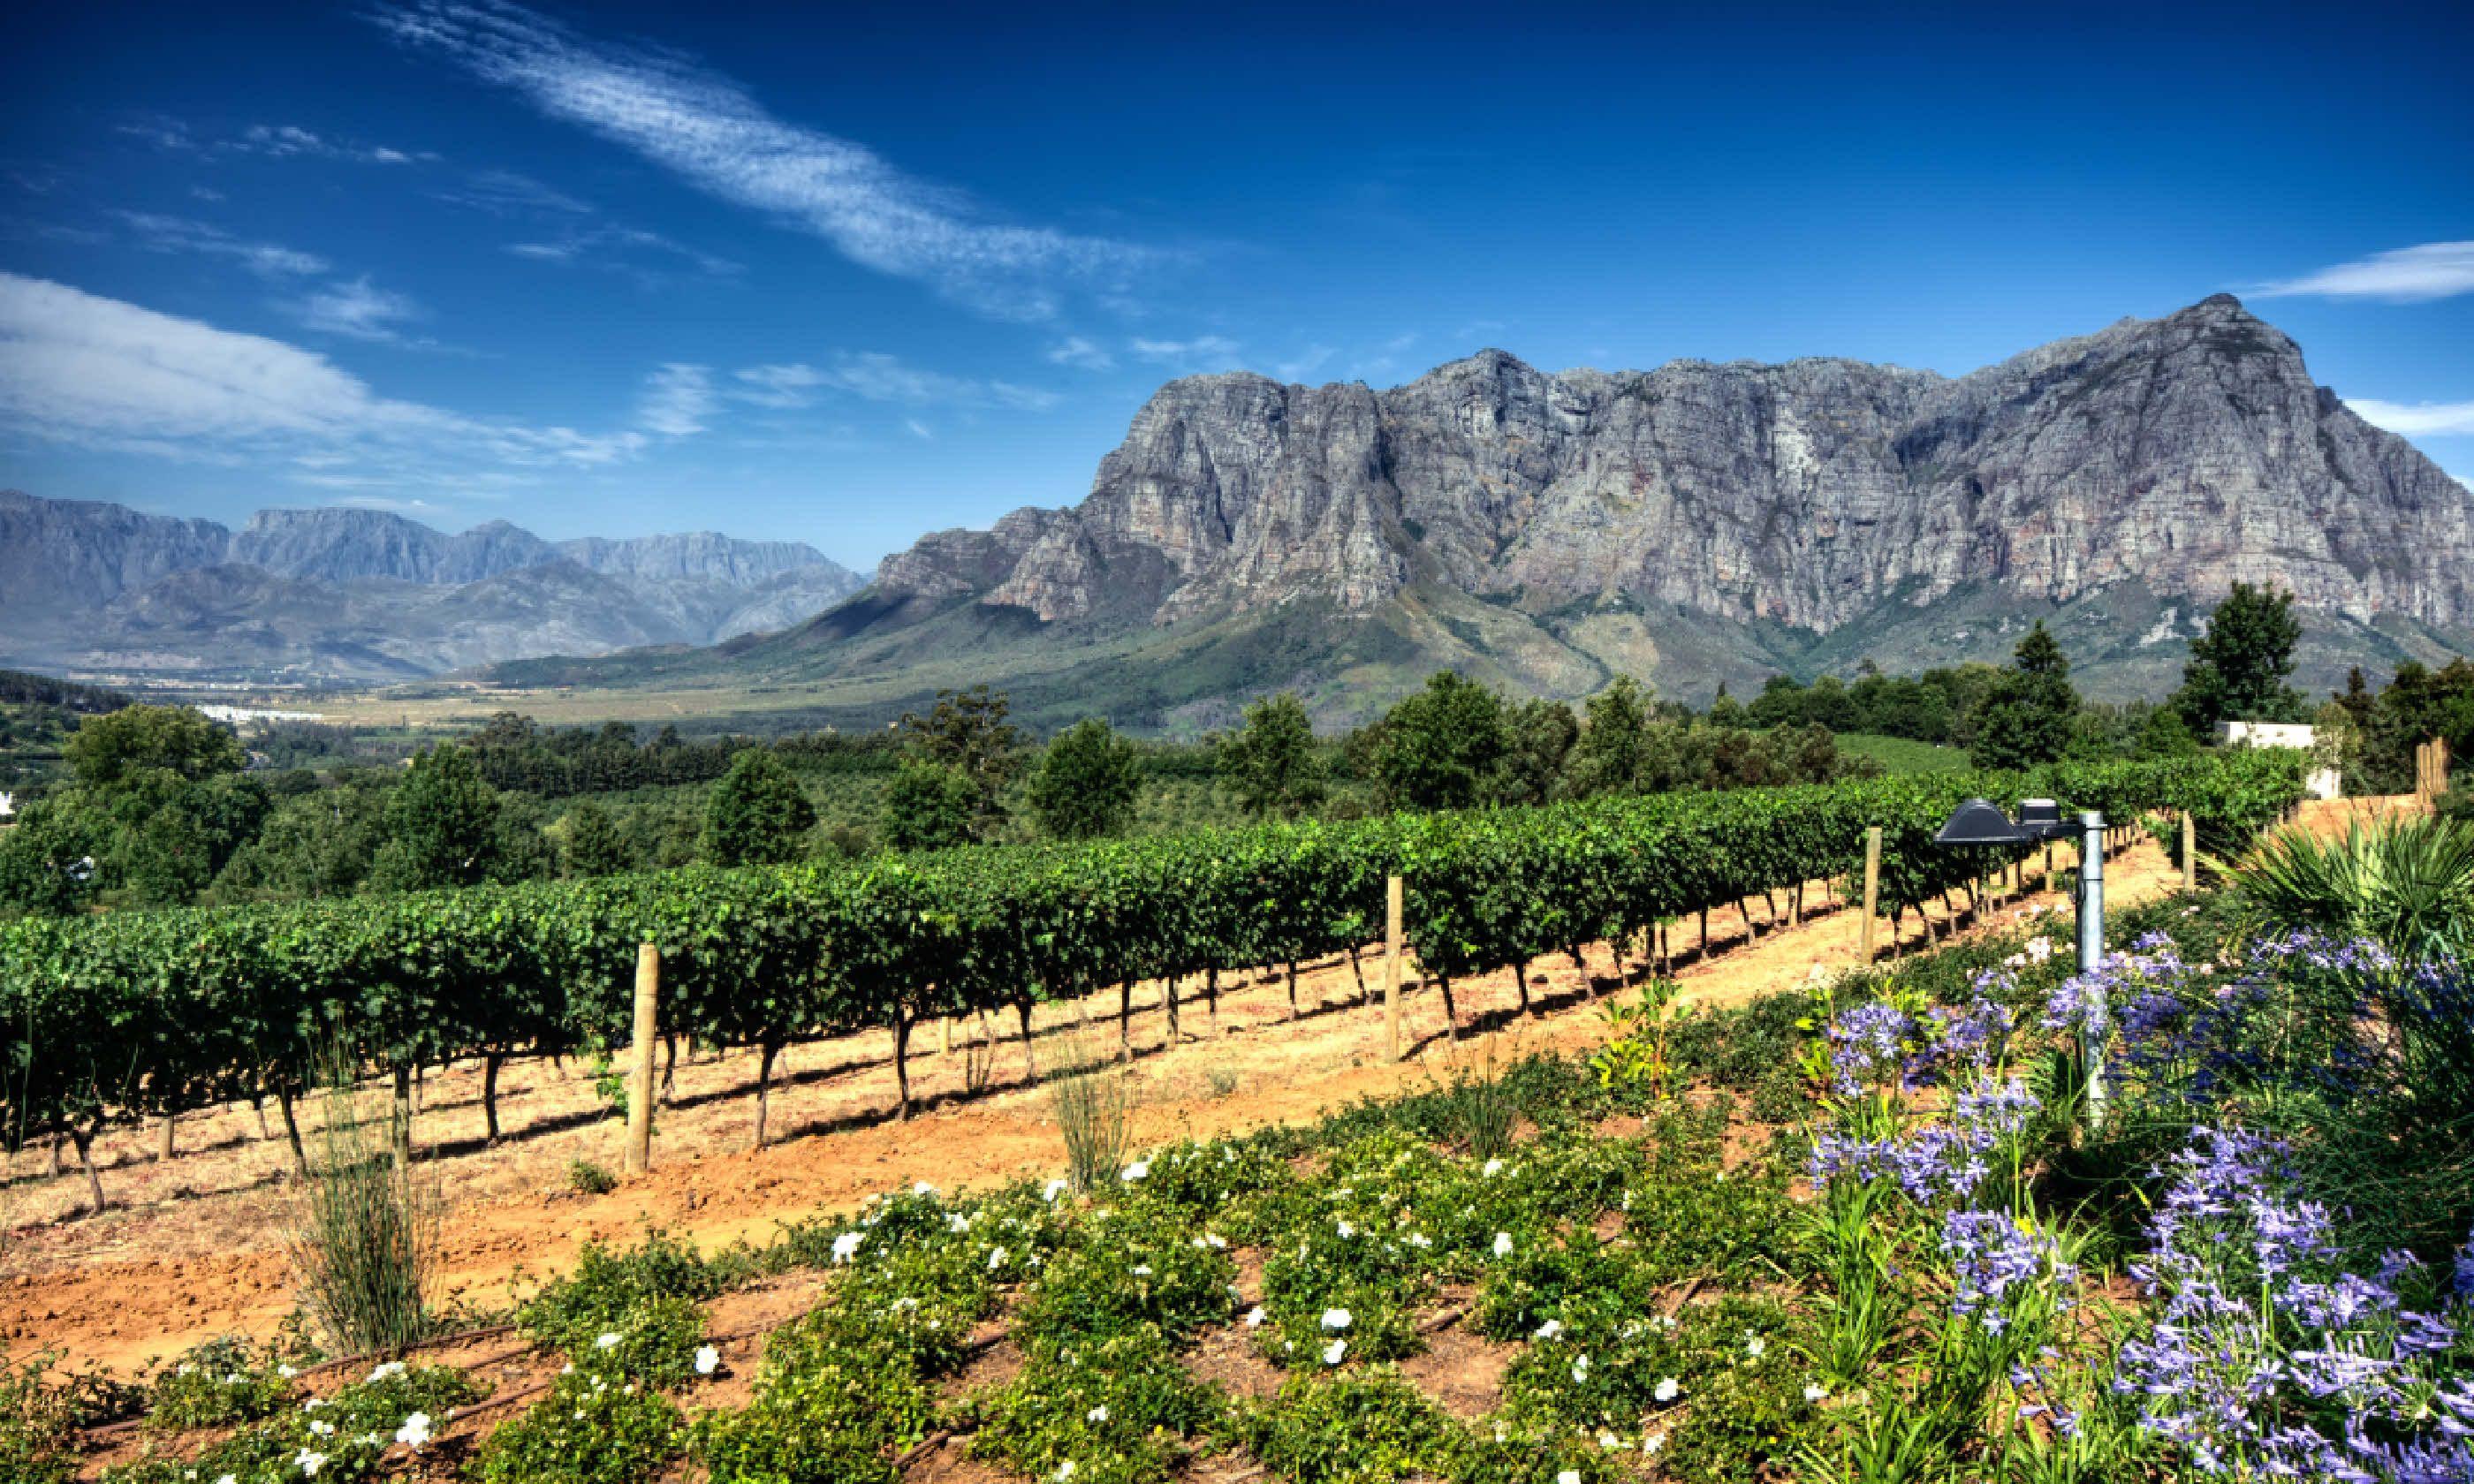 Stellenbosch vineyards with Simonsberg mountain (Shutterstock)